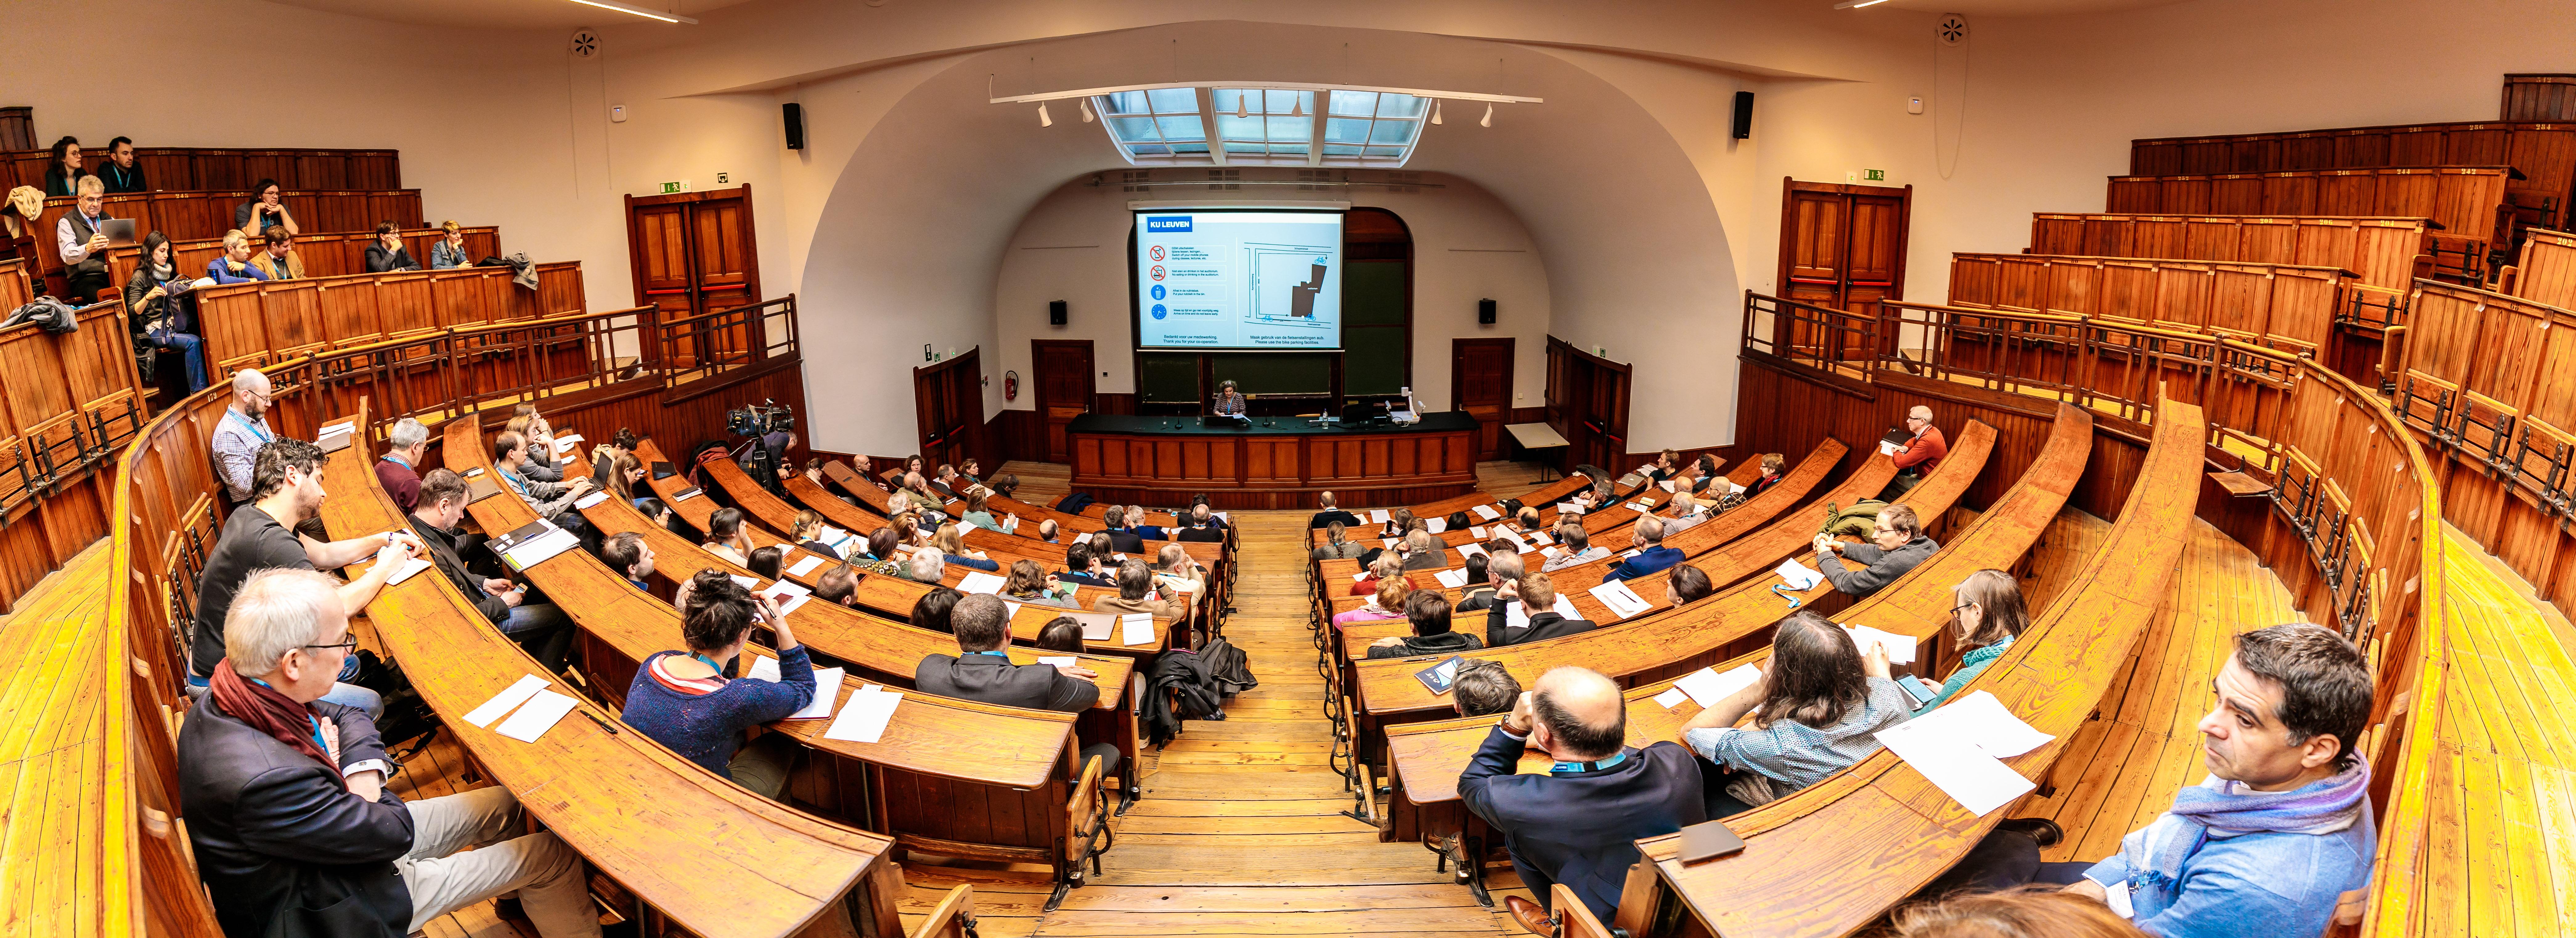 SLO Symposium in Leuven (Credits image: Nicolas Herbots)